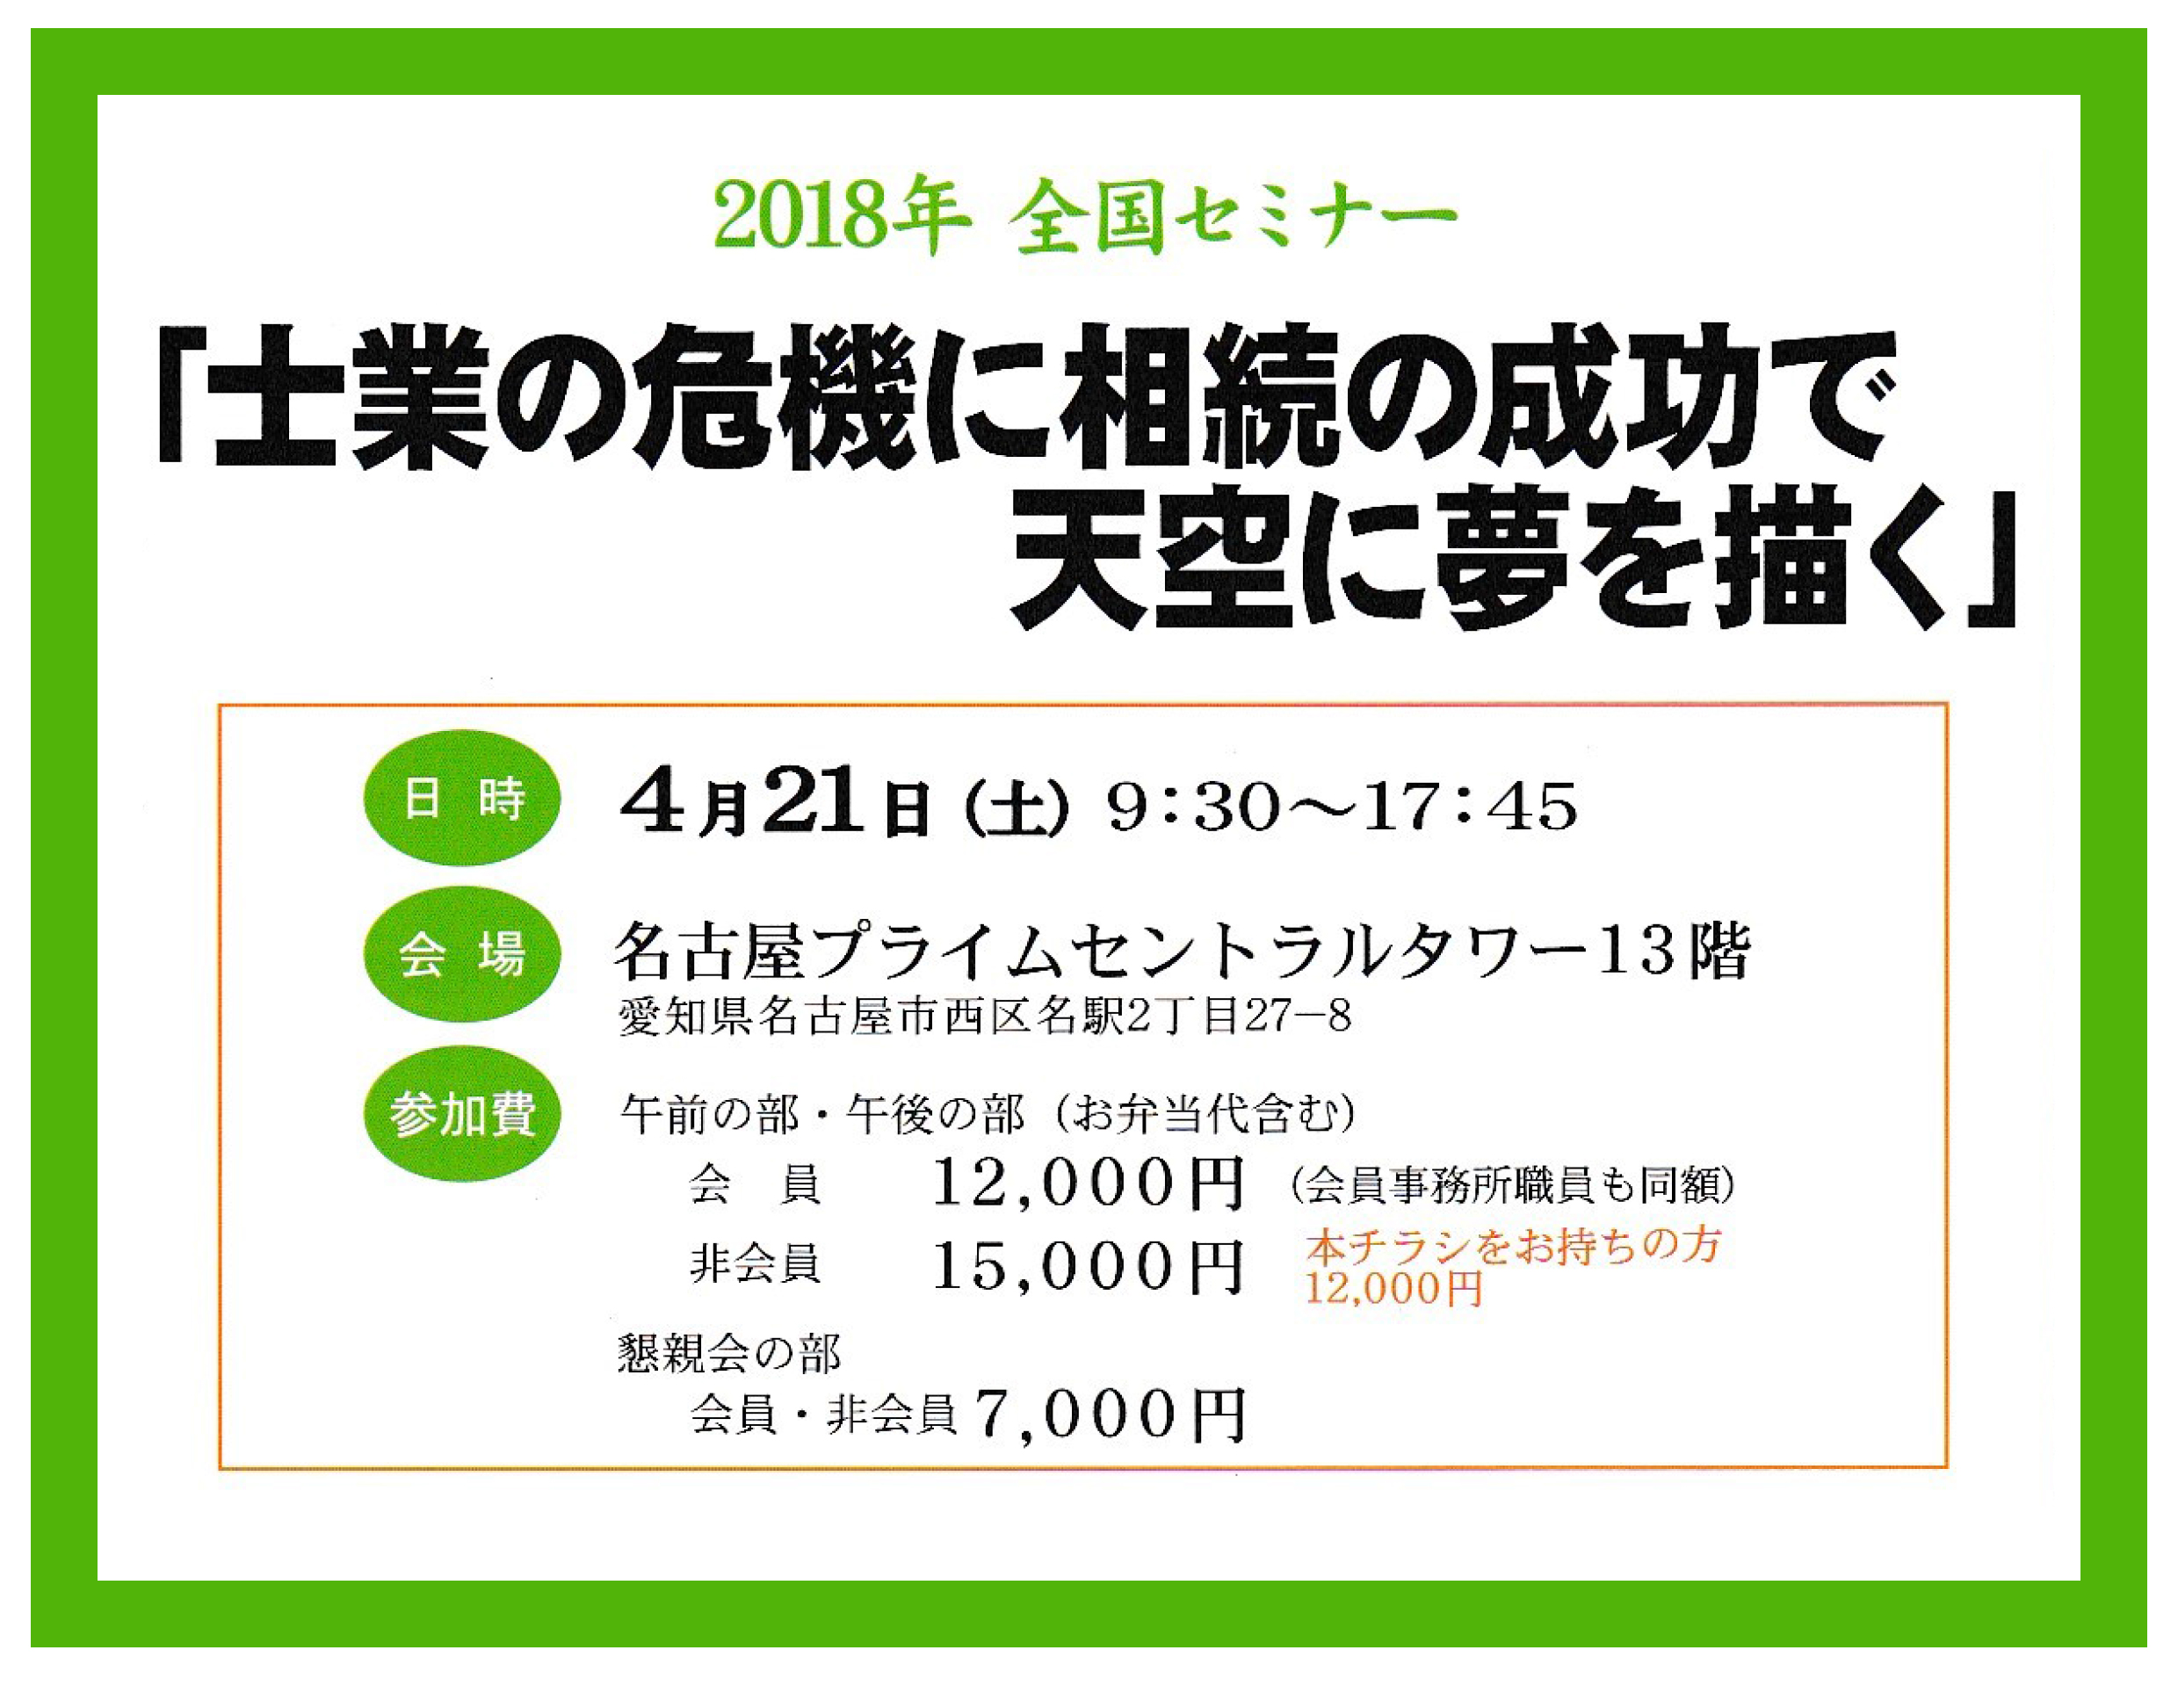 2018年4月21日(土)開催の第11回全国セミナー